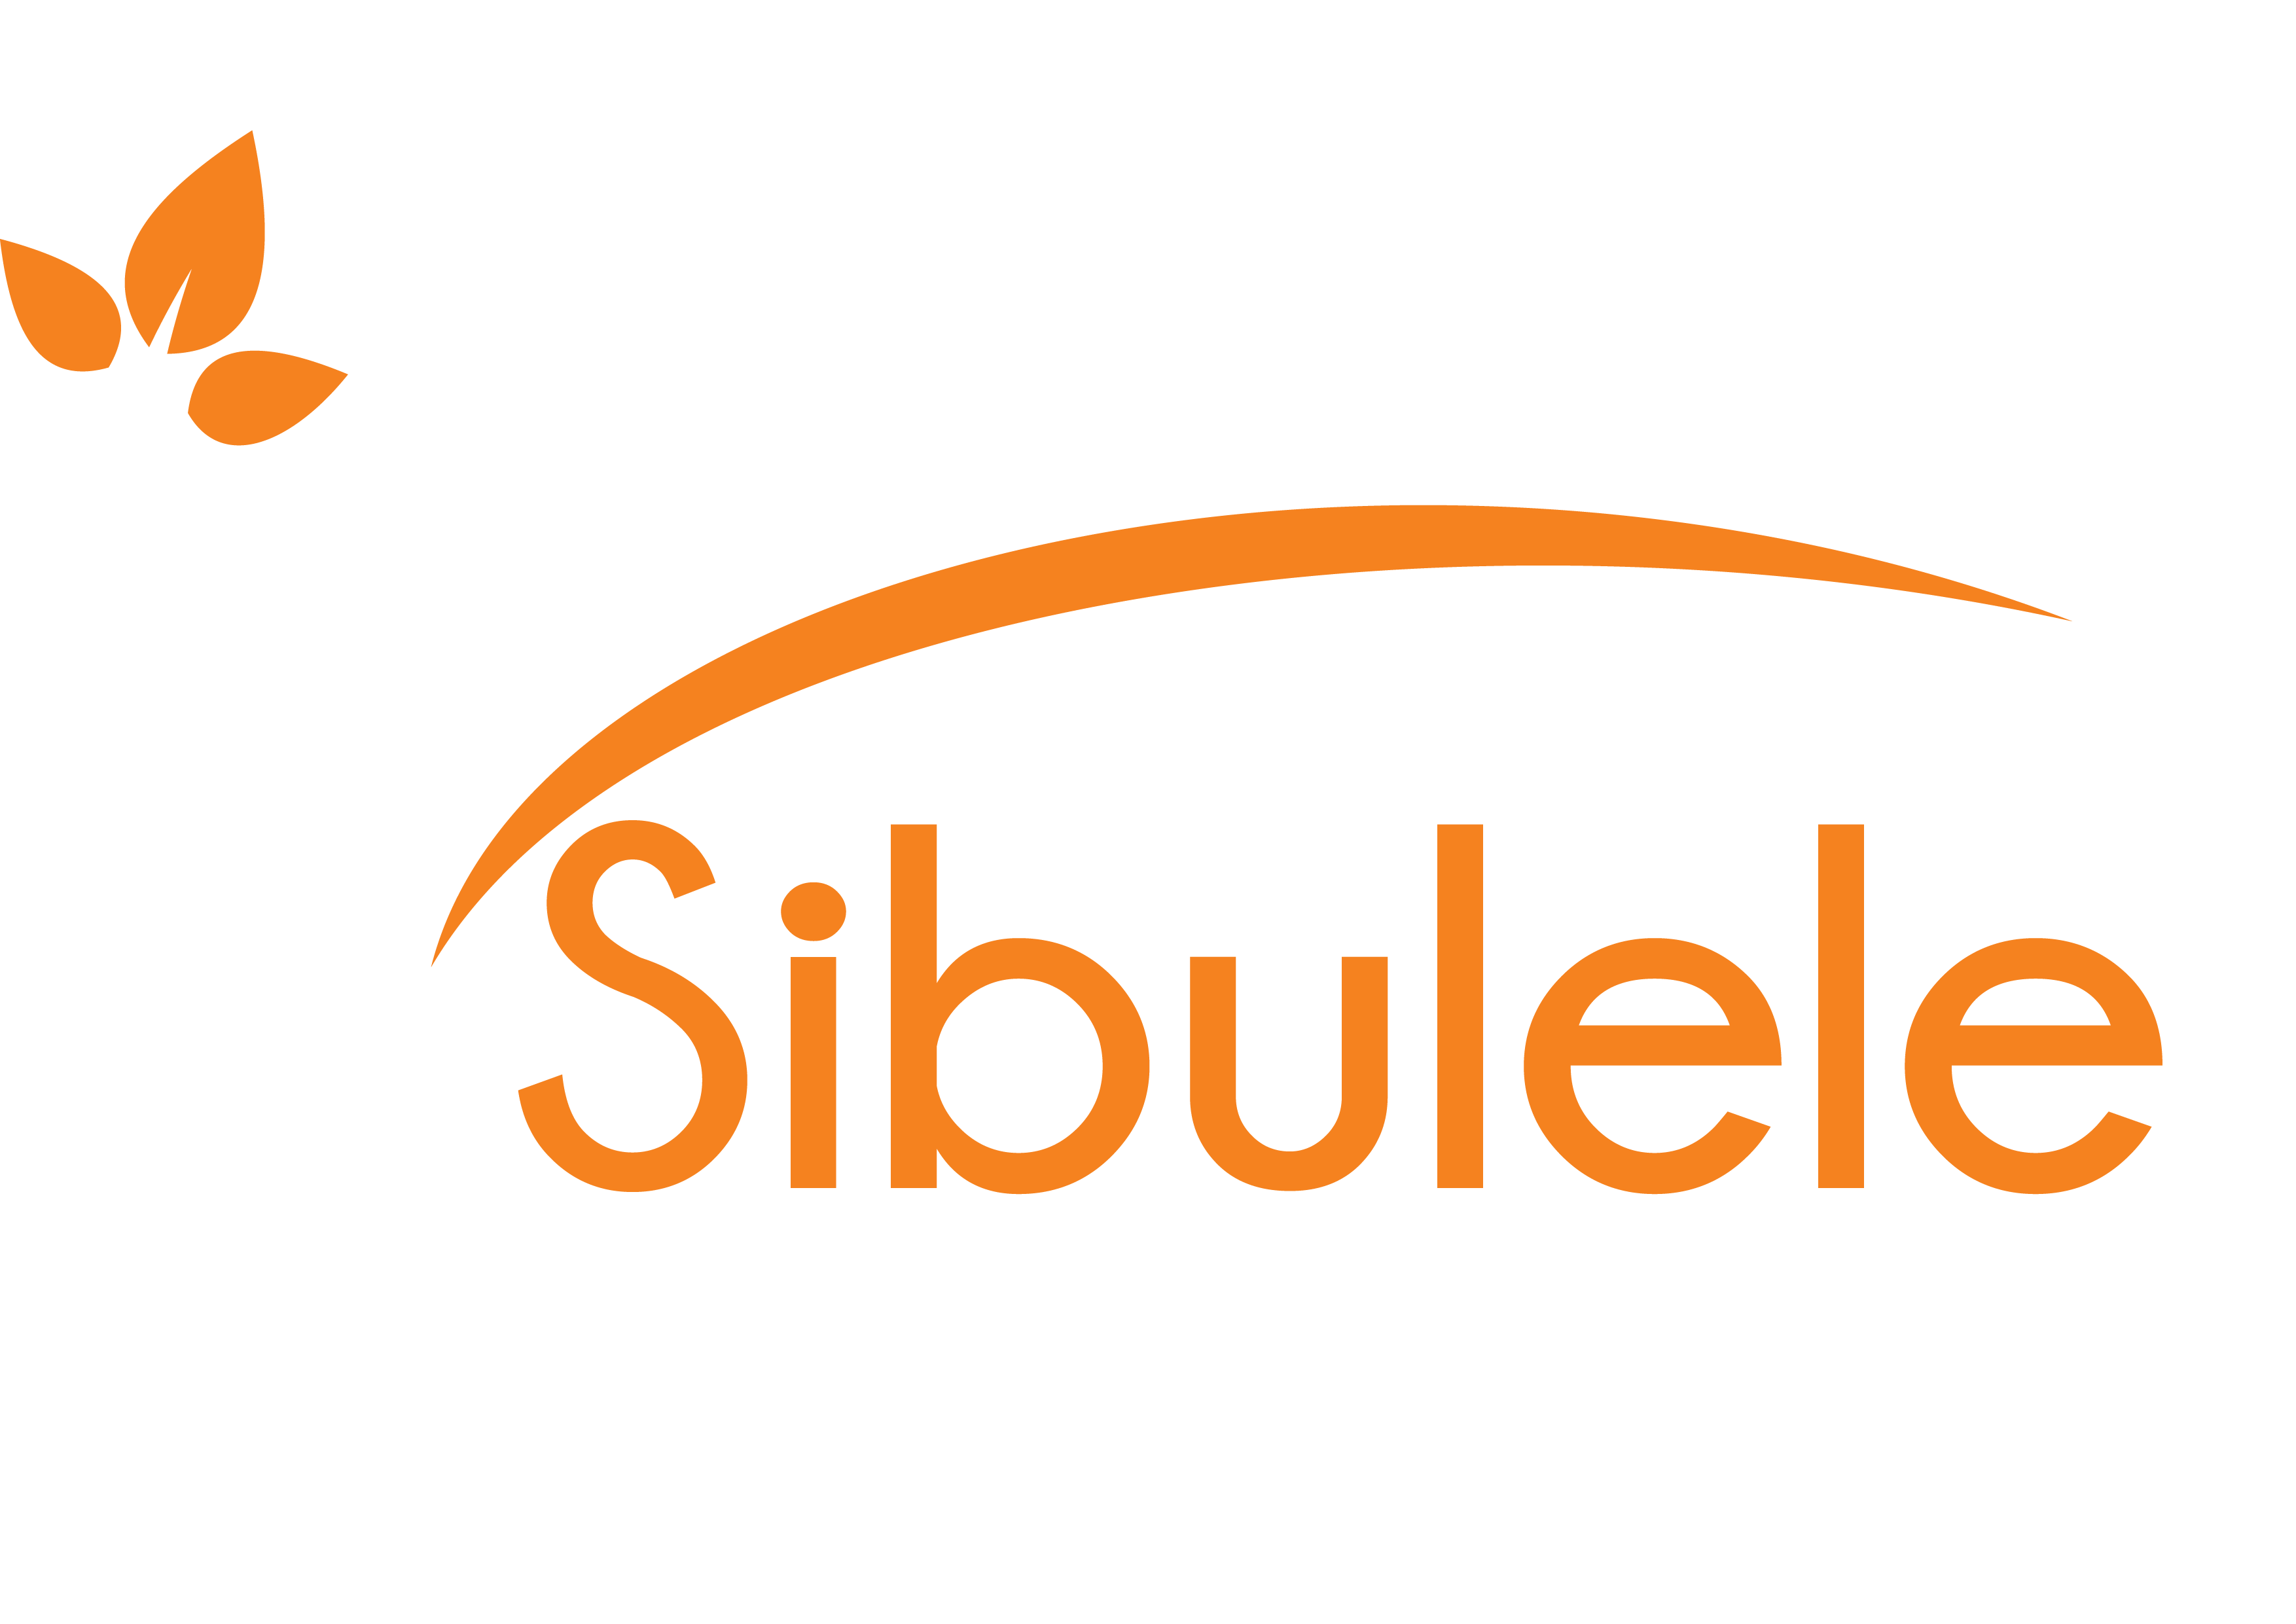 sibulele-OTS-Logo_footer-01